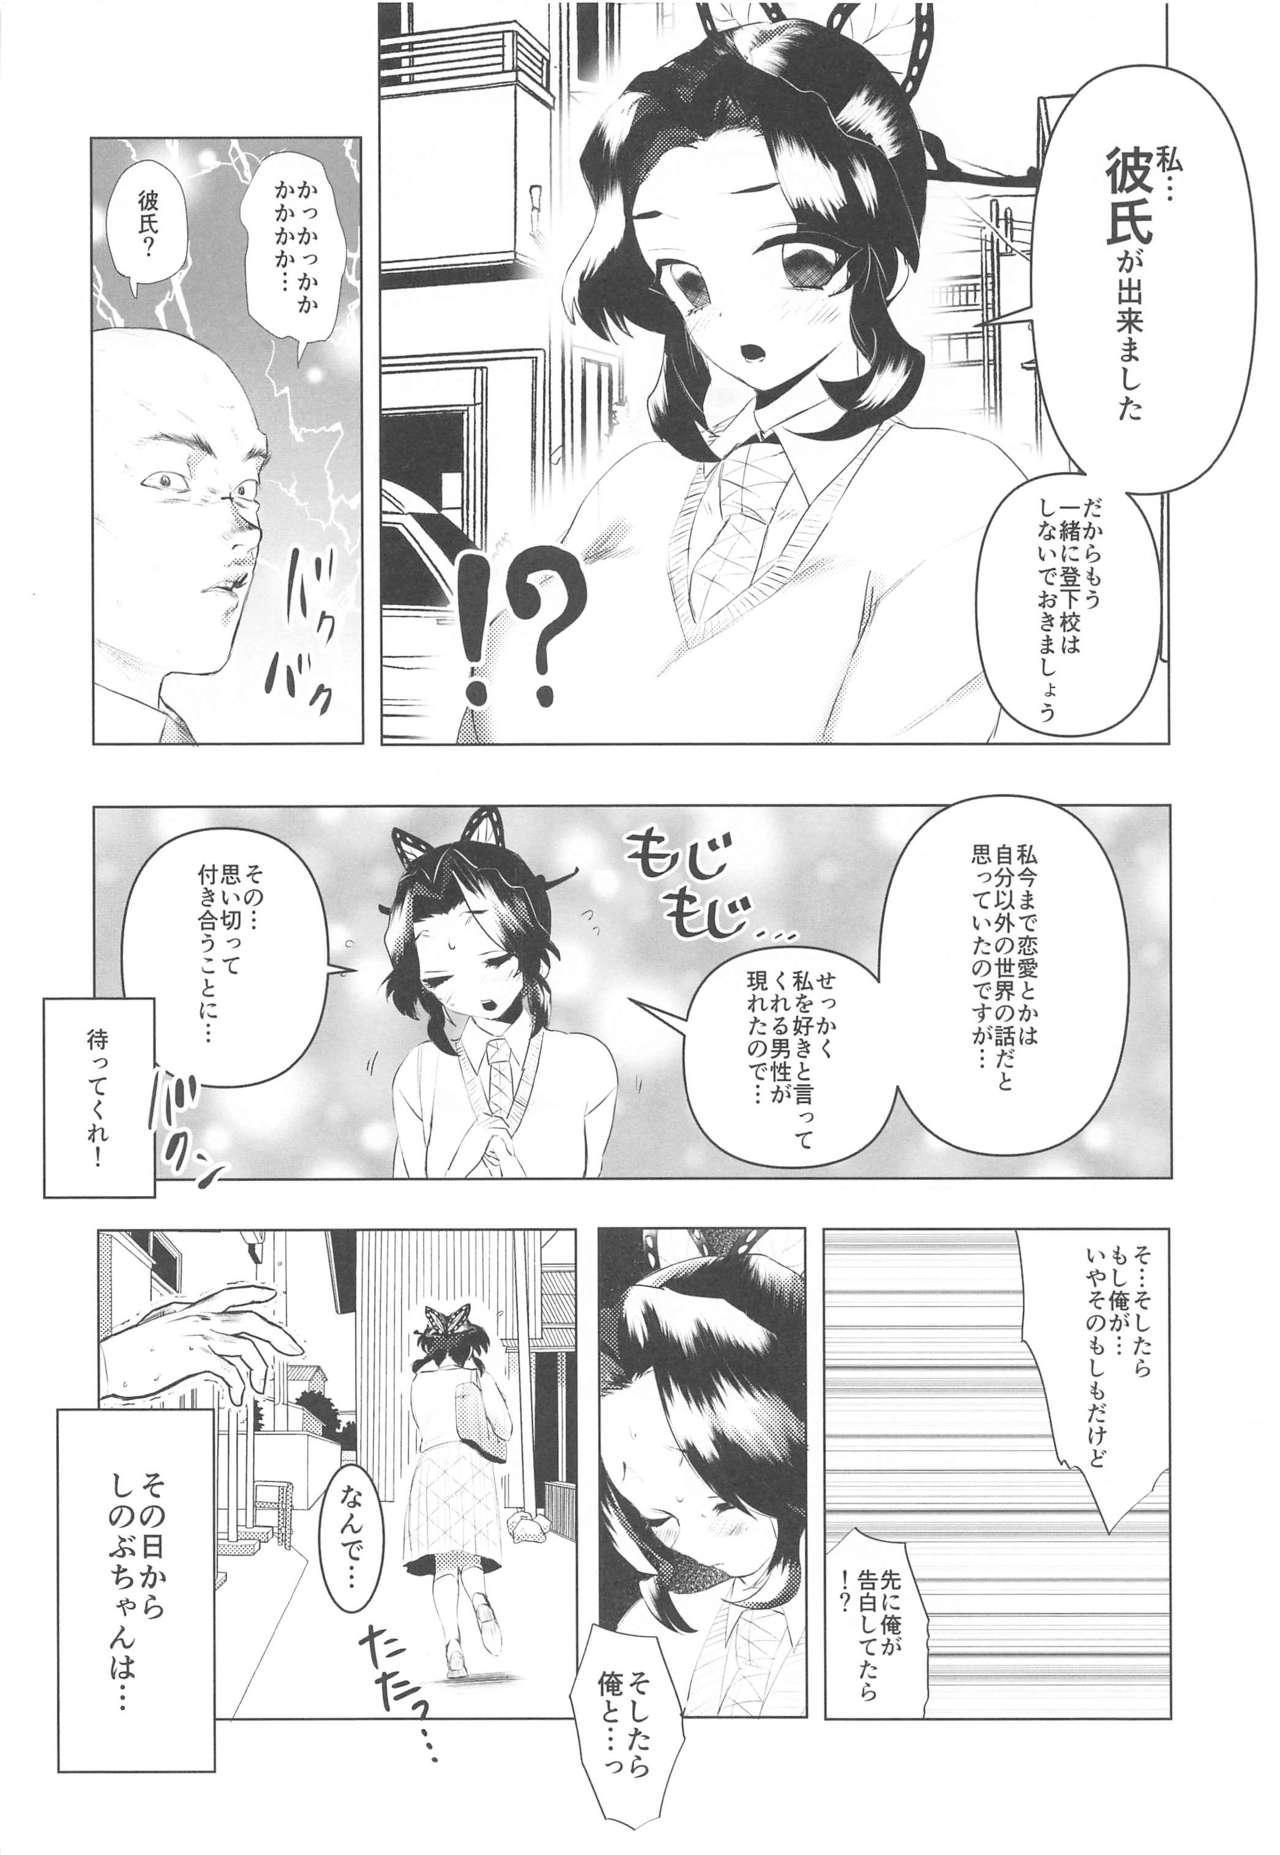 Watashi, Kono Hito ni Otosaremashita. 4